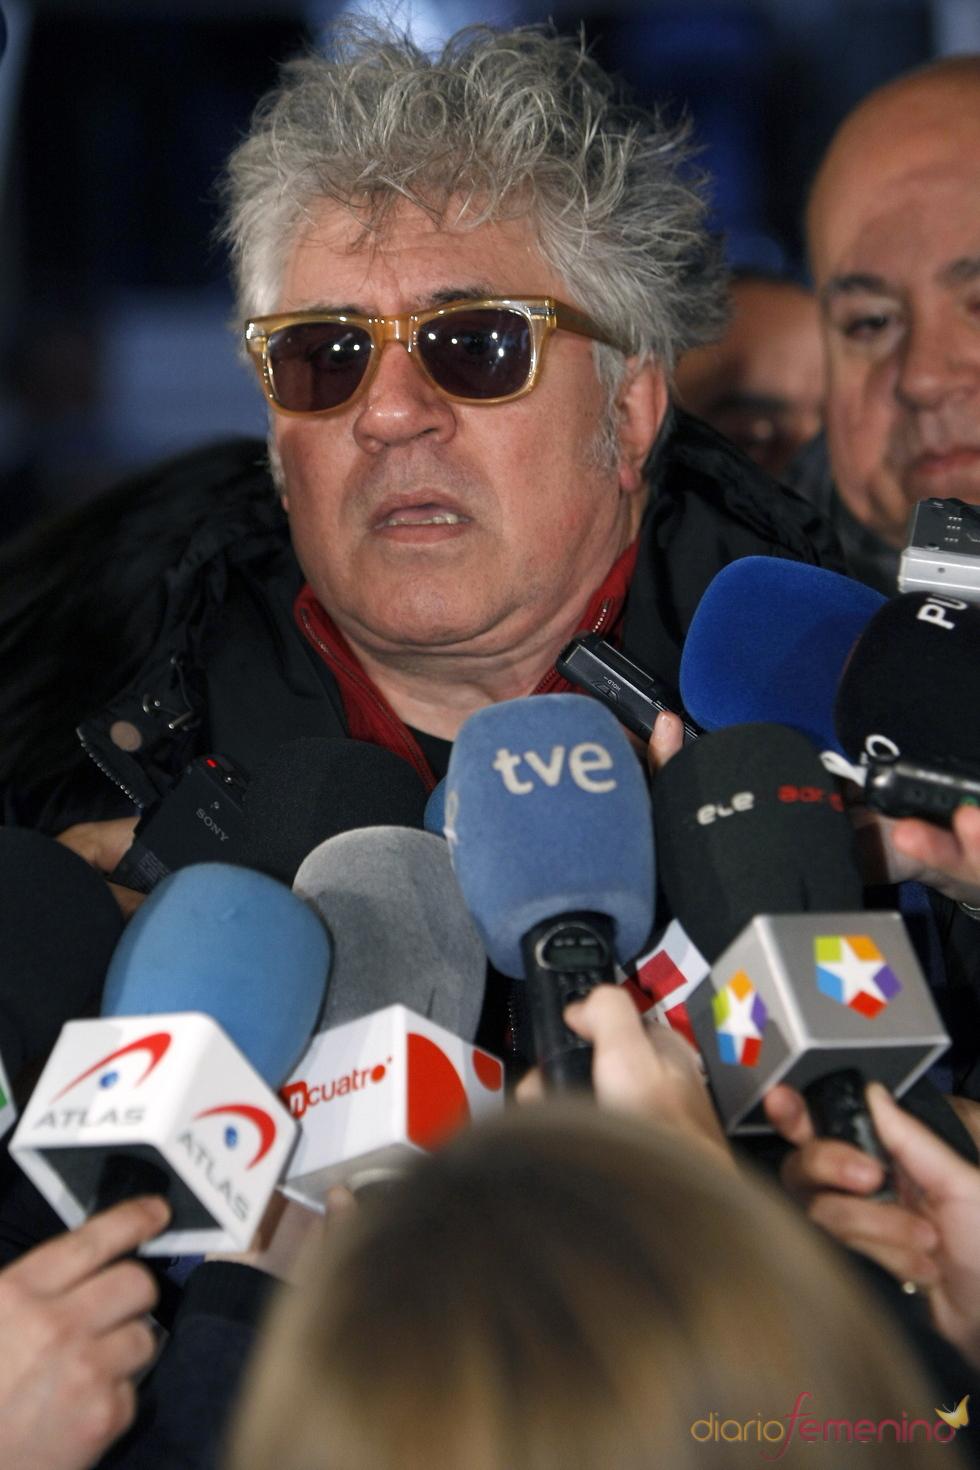 Pedro Almodóvar estrenará en el 2011 'La piel que habito'